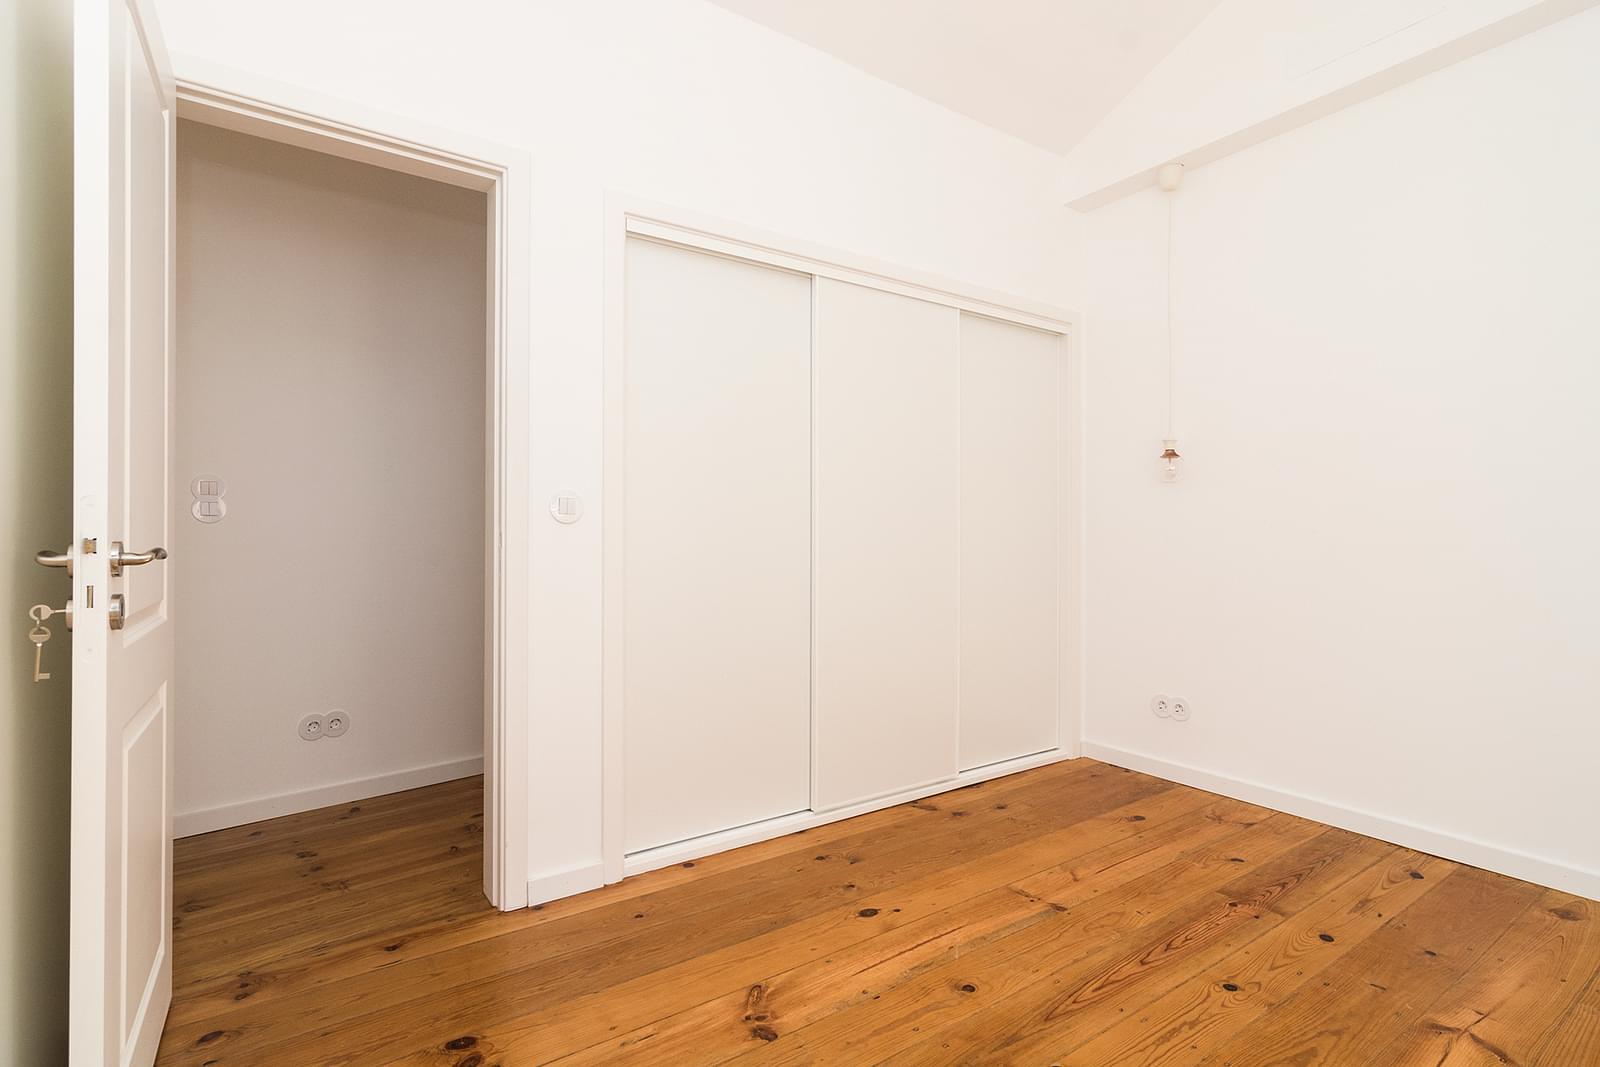 pf16908-apartamento-t2-lisboa-60185120-b2a1-46c8-bb2e-6d36d7075755